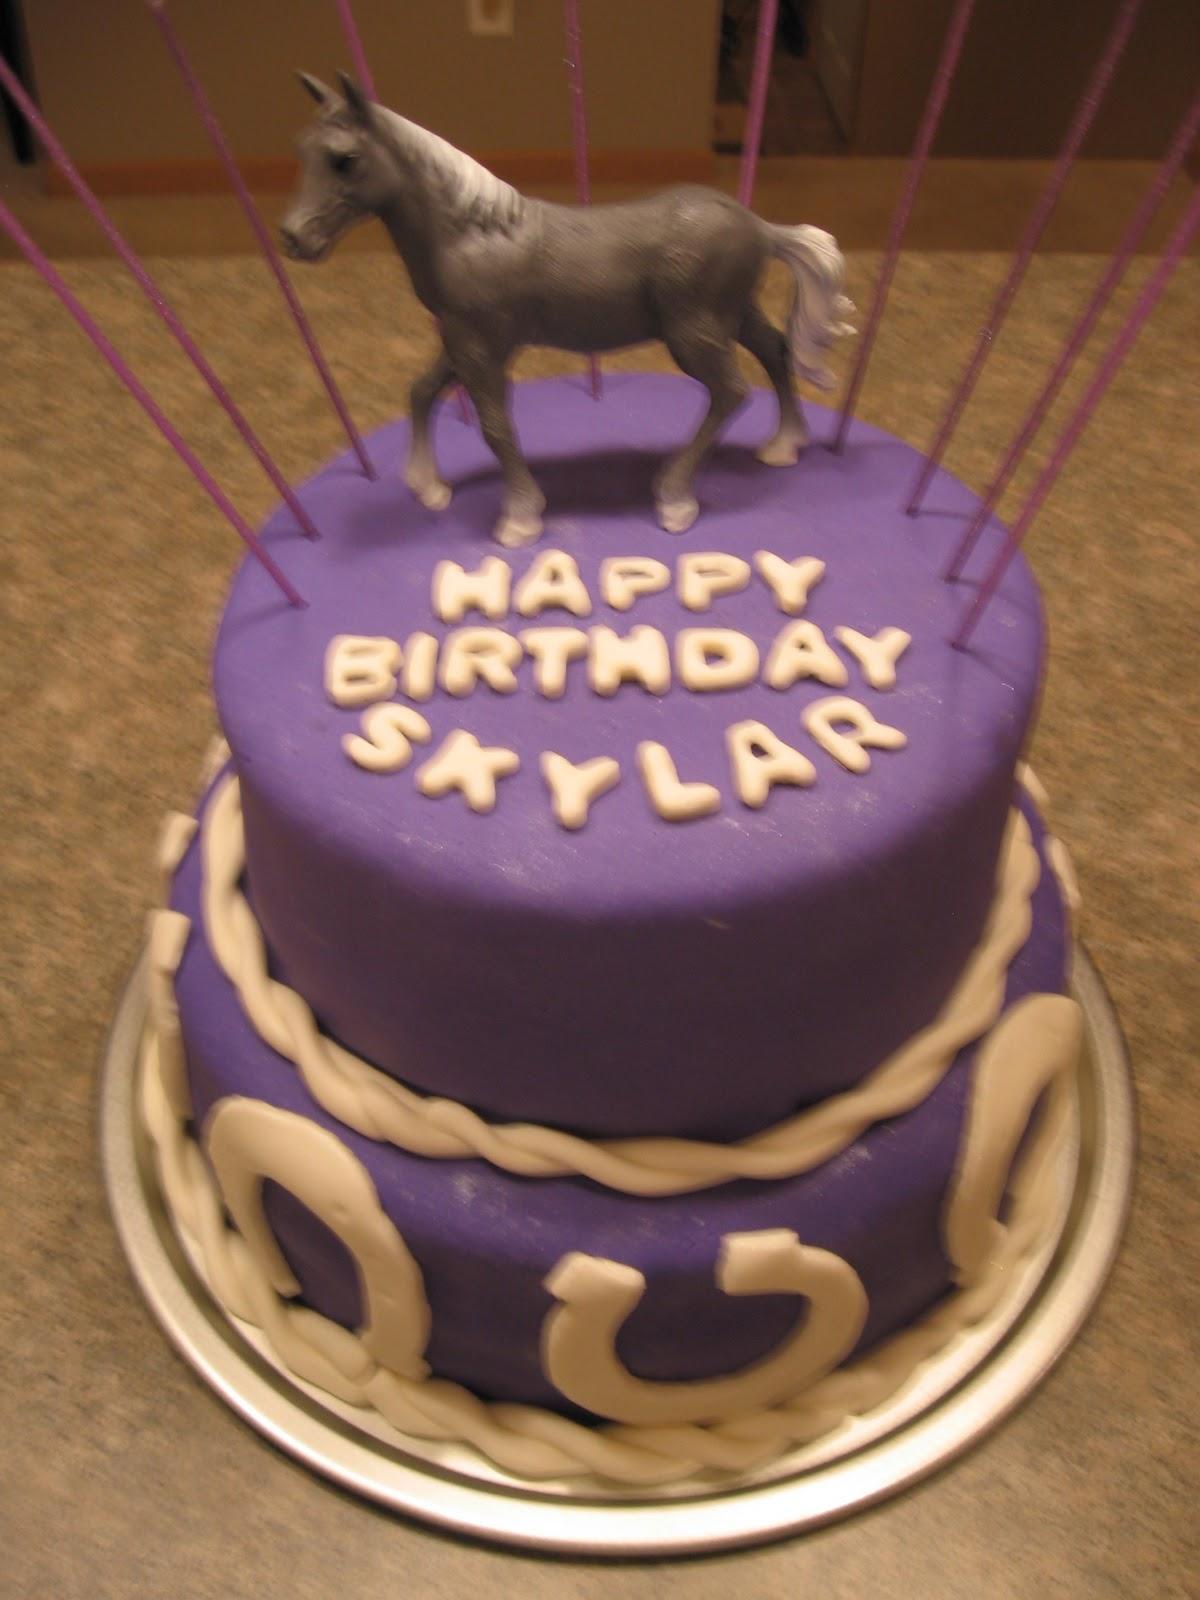 My Food Swatch Happy 10th Birthday Skylar